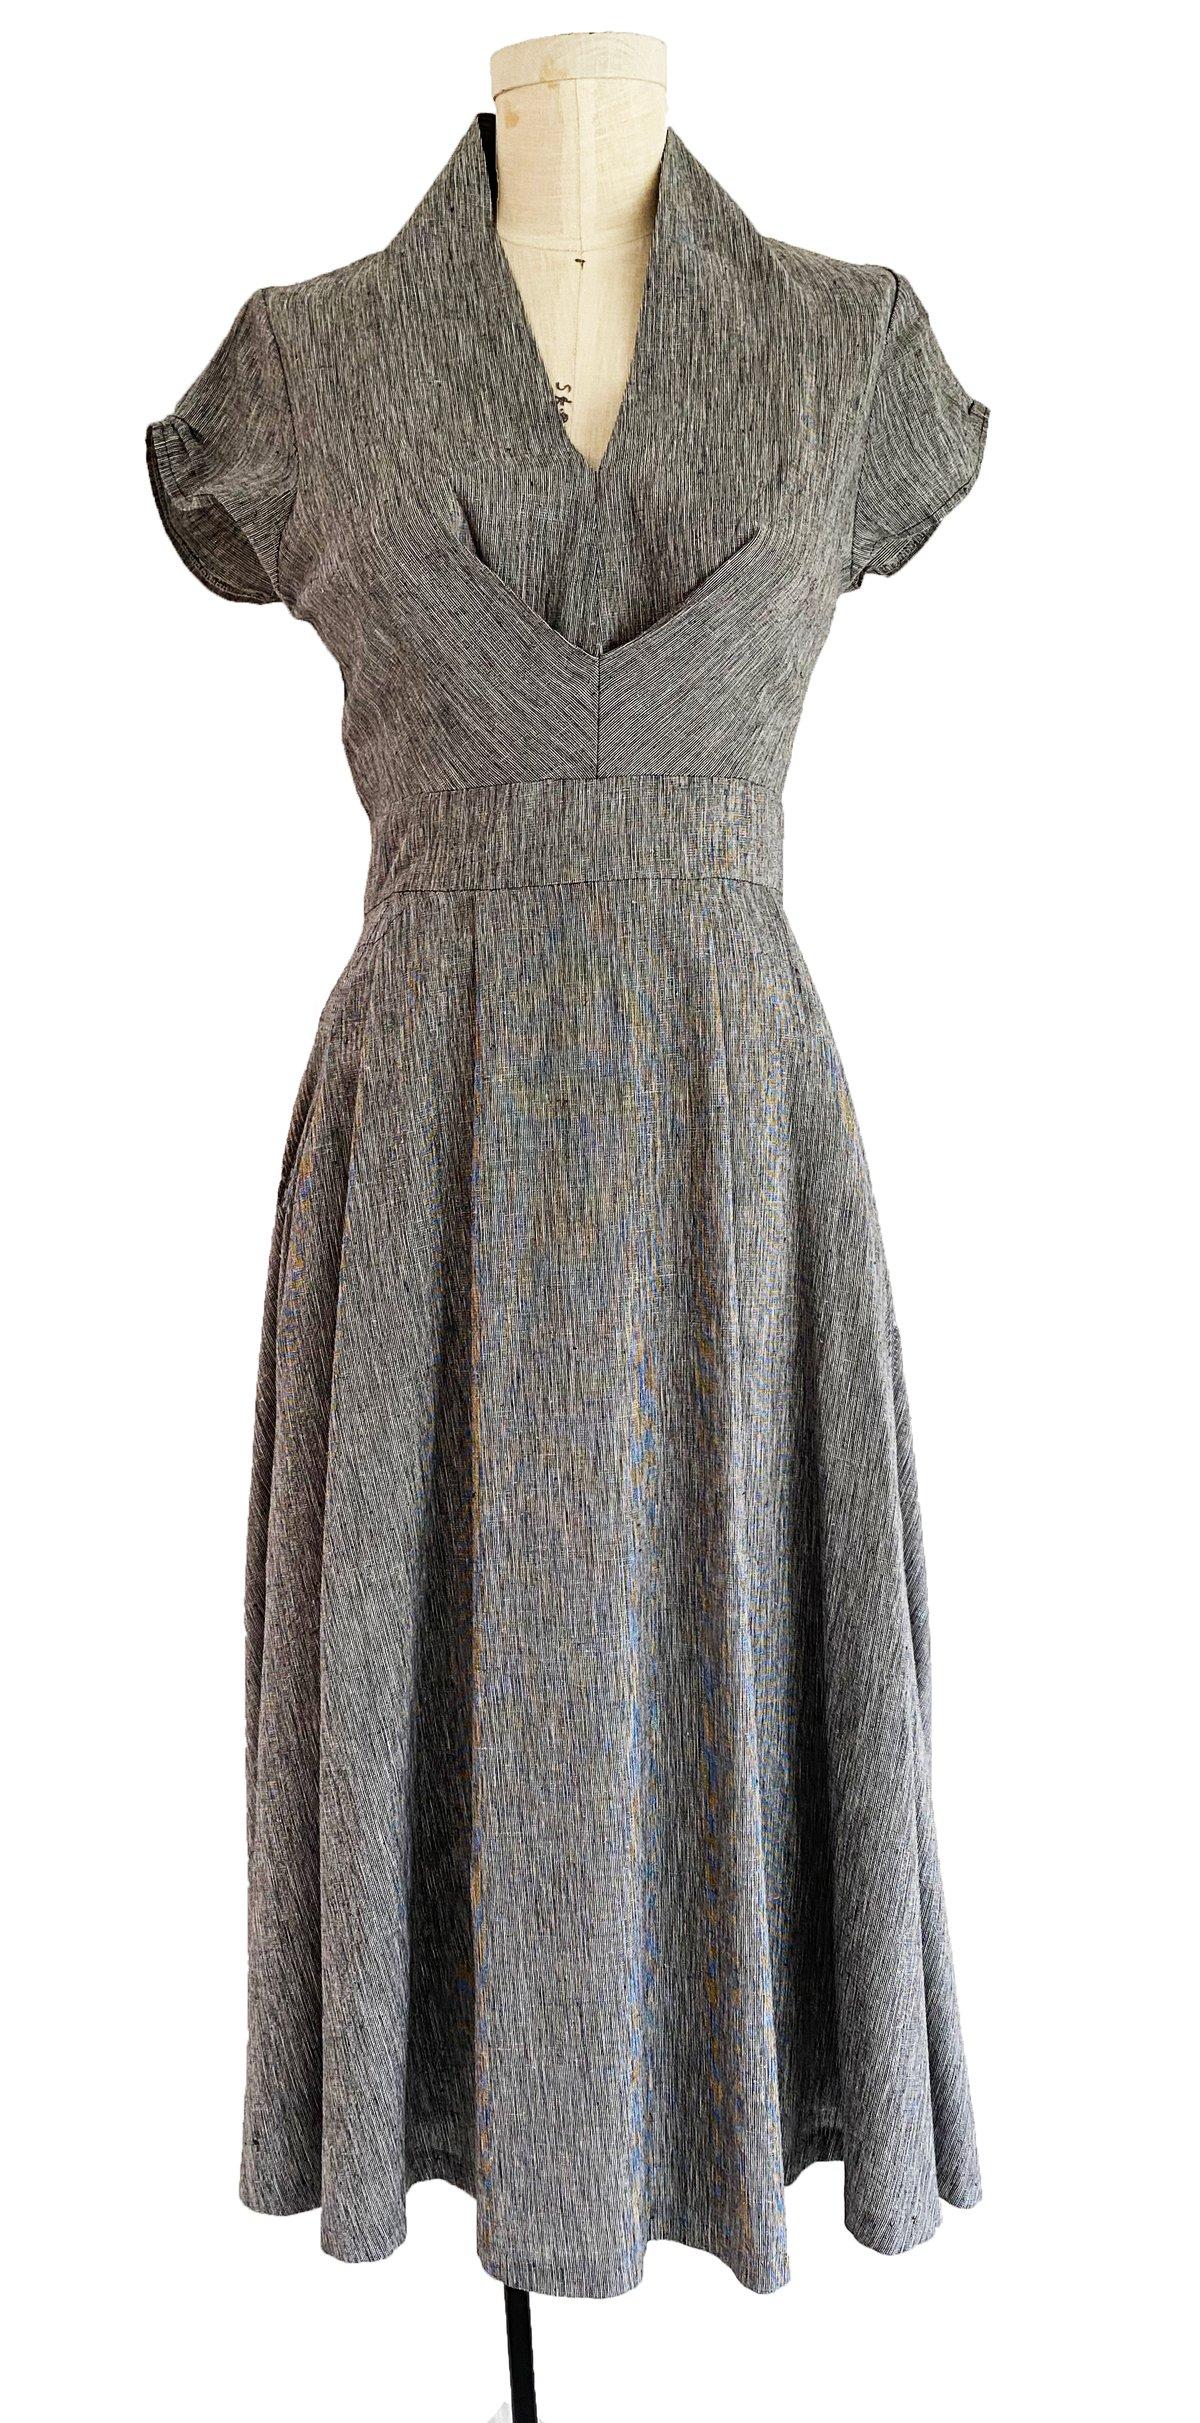 Image of Mona van Sues dress in salt and pepper